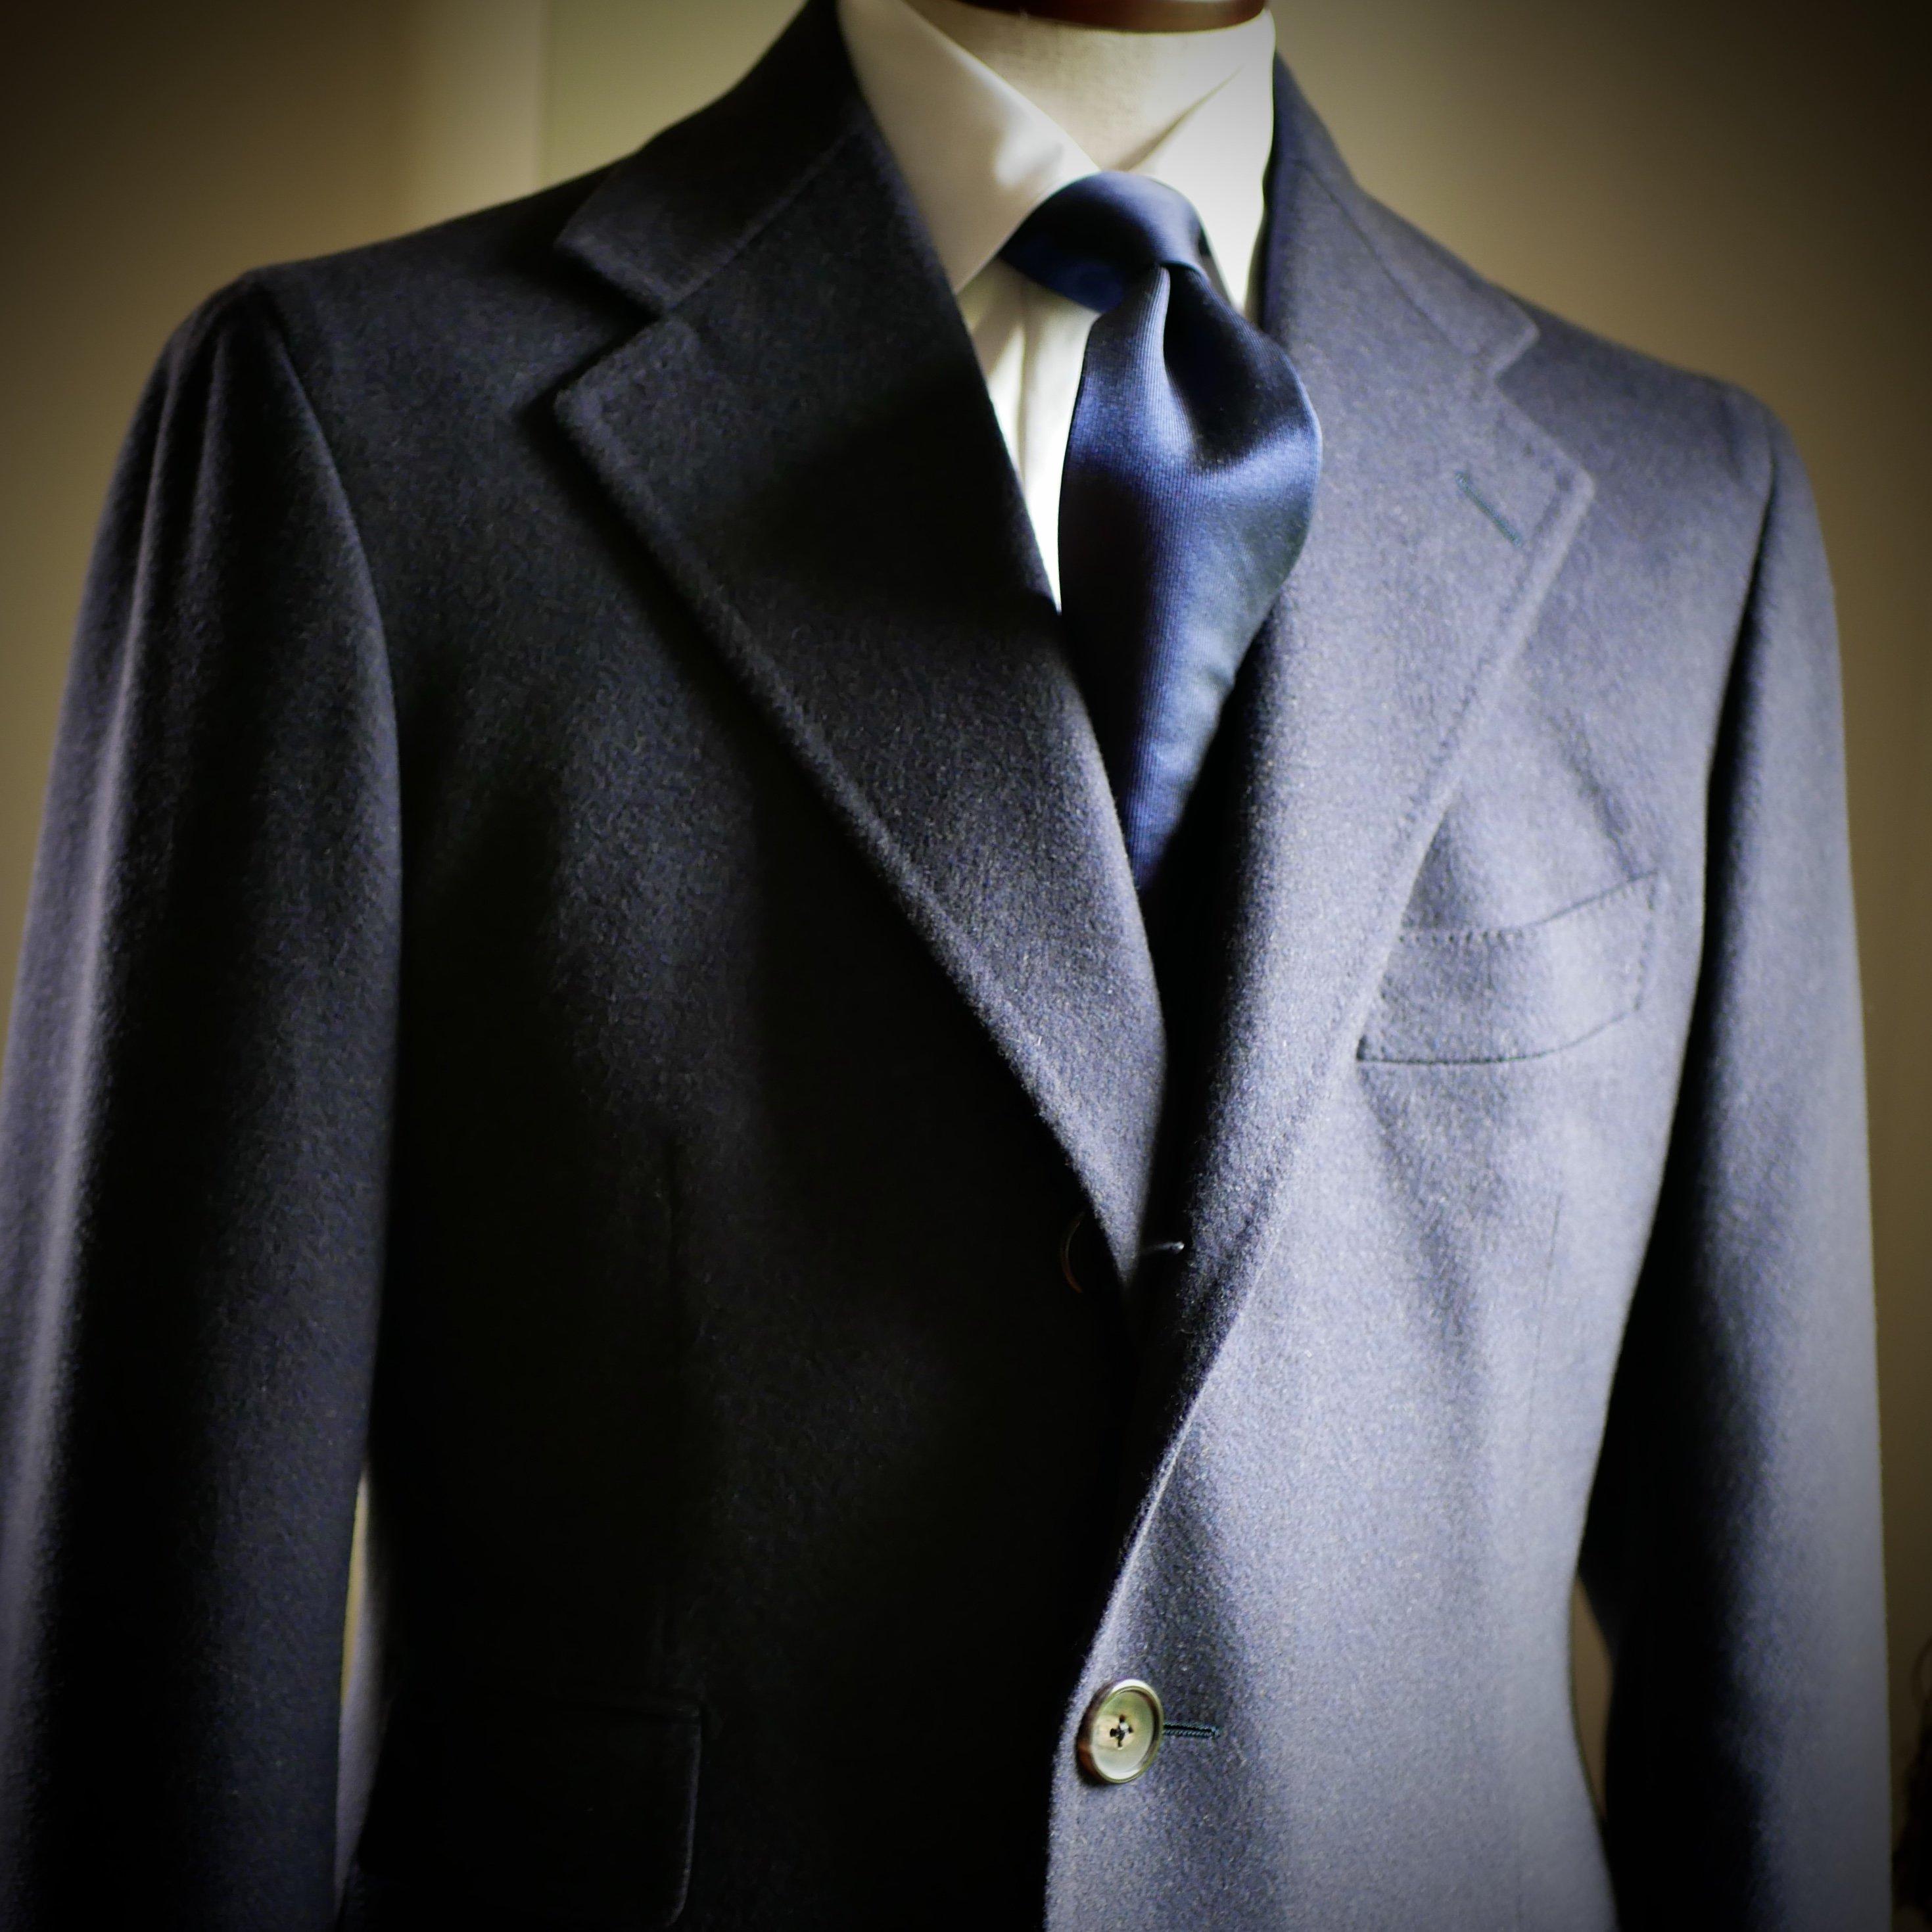 Overcoat_20201006_overcoat_03.jpg